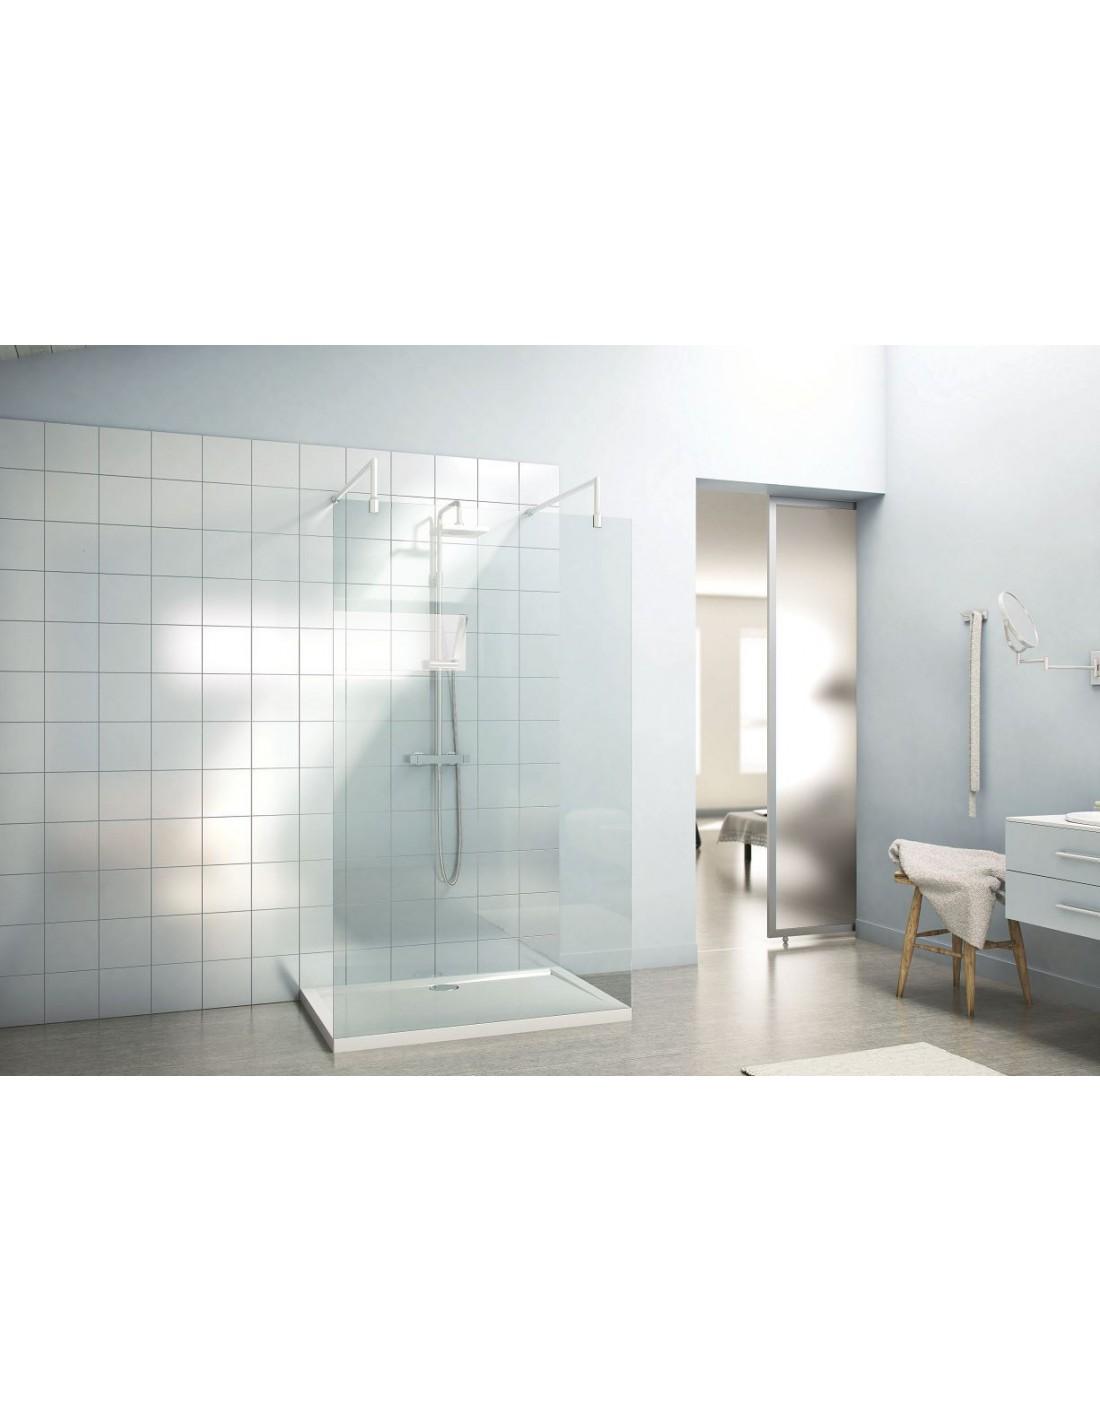 paroi de douche fixe double entree quetzal saniweb. Black Bedroom Furniture Sets. Home Design Ideas